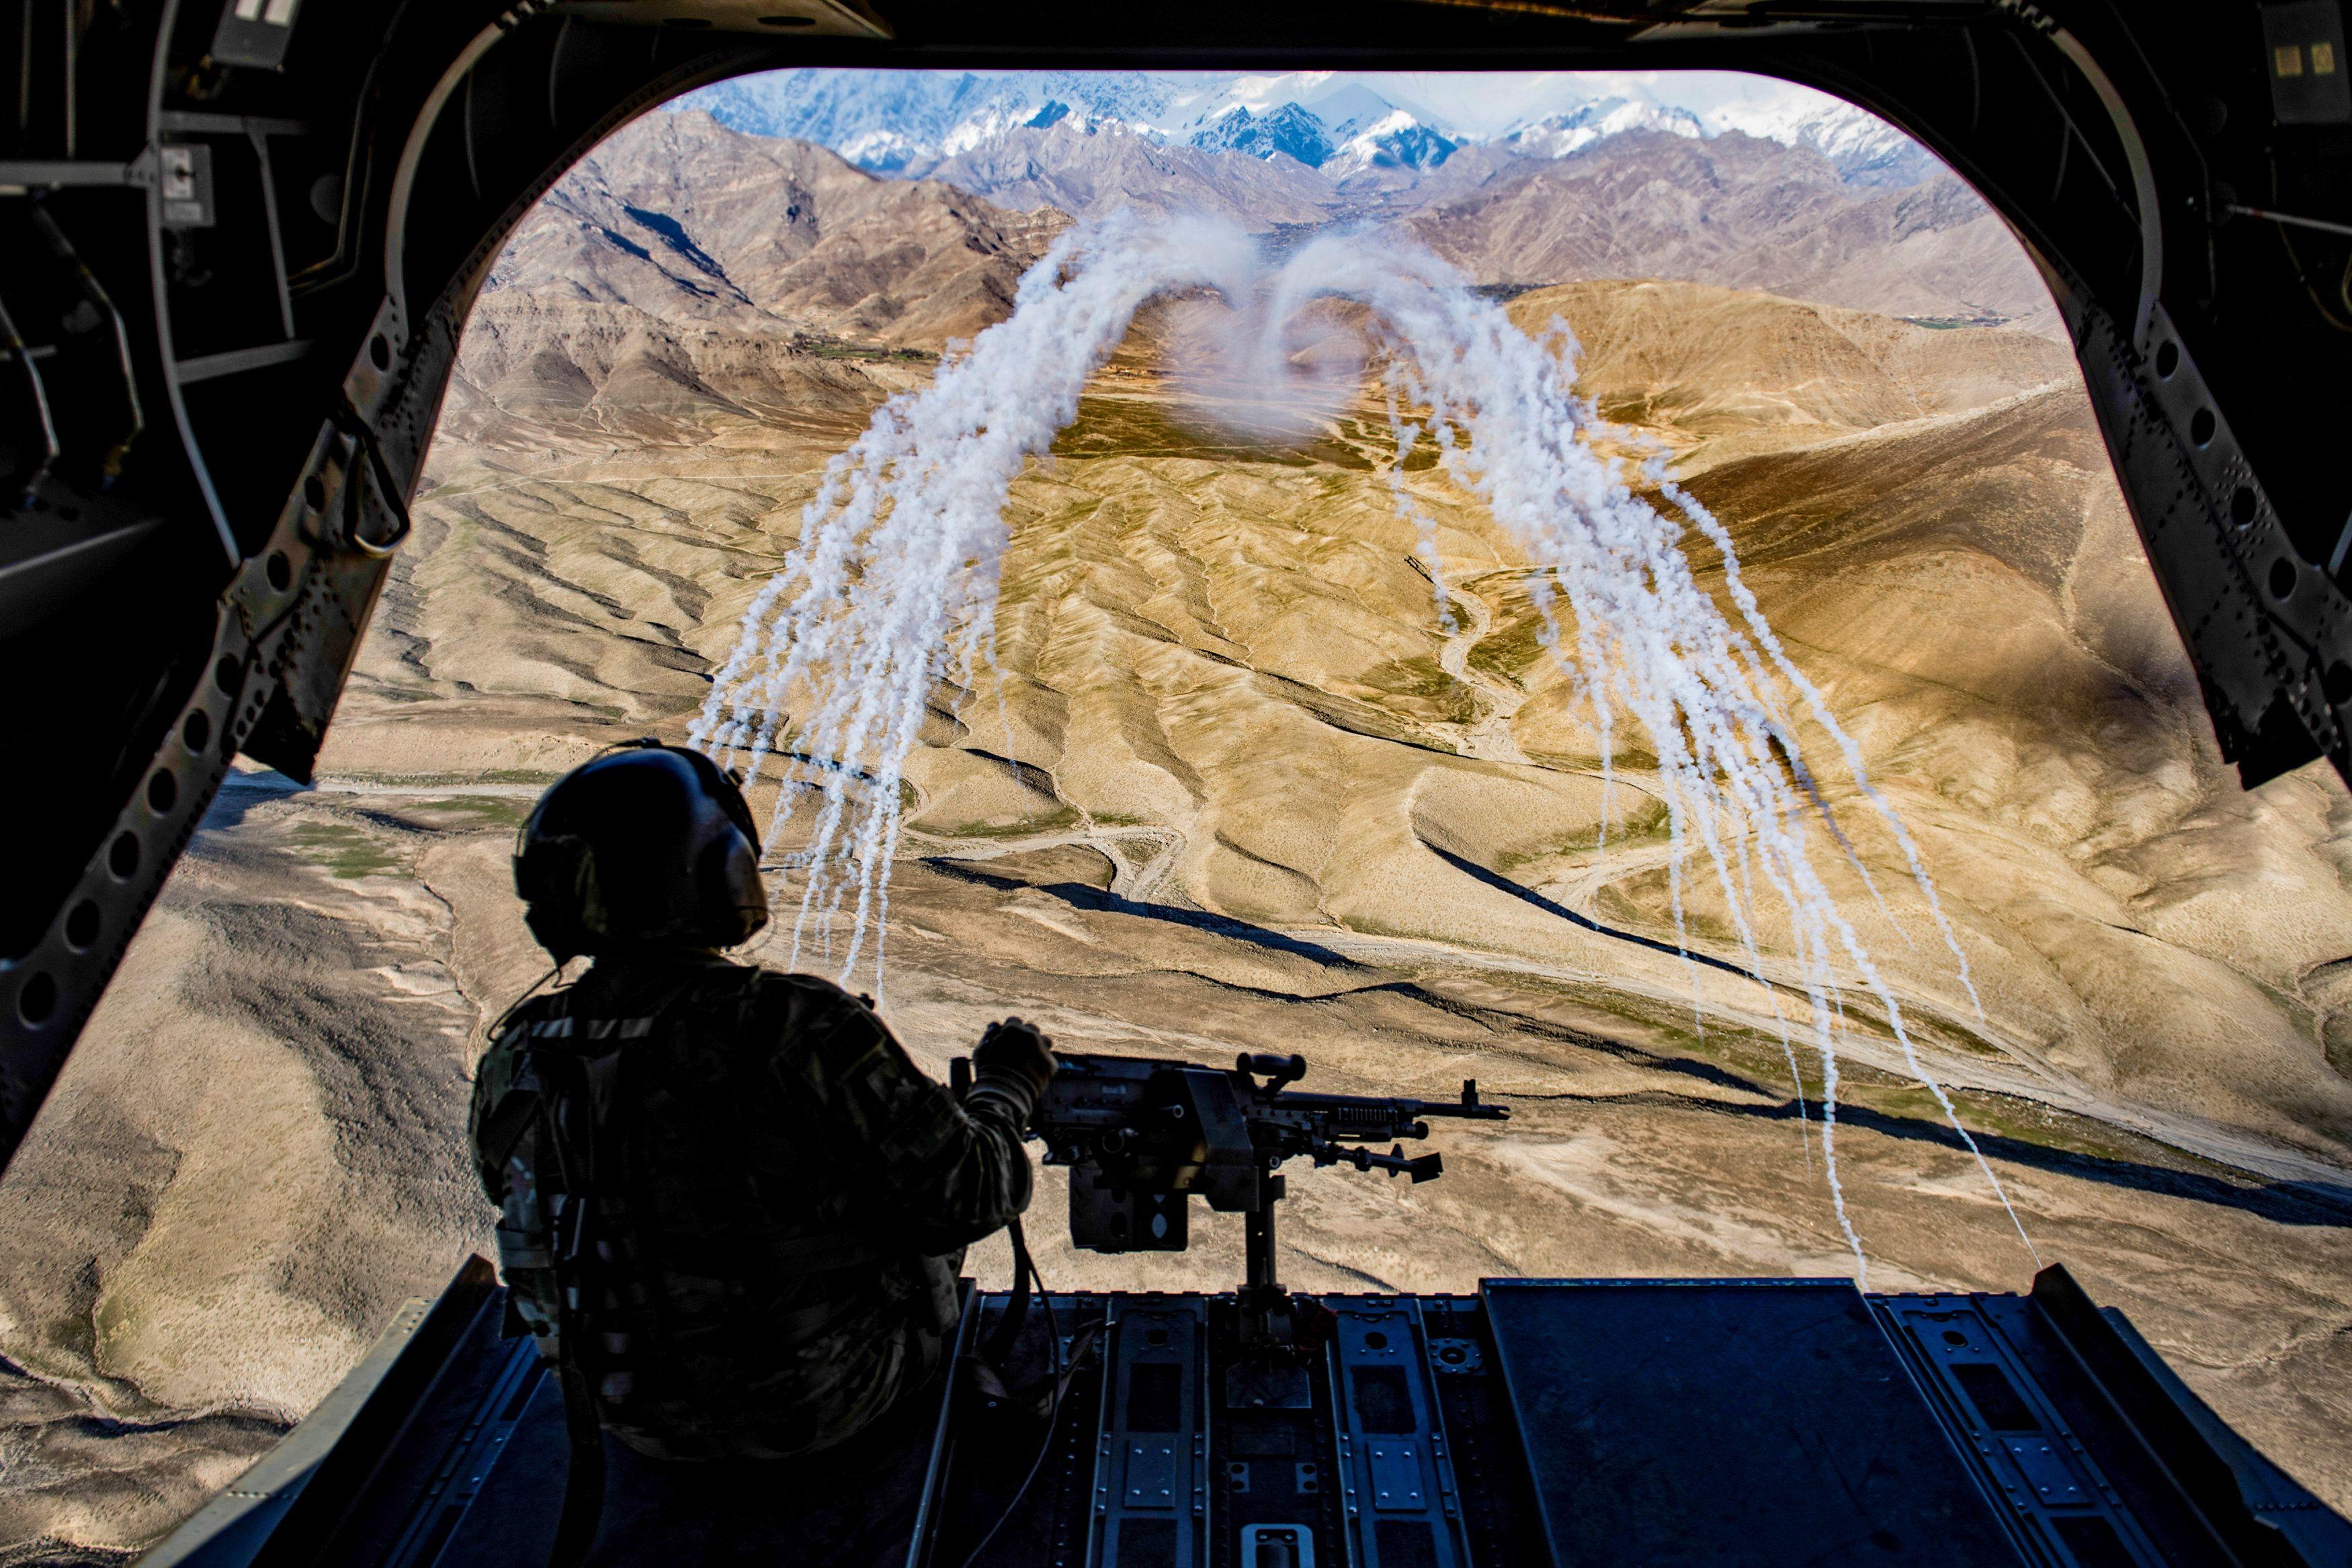 Un helicóptero Chinook de EEUU sobrevuela en una misión de entrenamiento en Afganistán (Reuters/Fuerza Aérea)